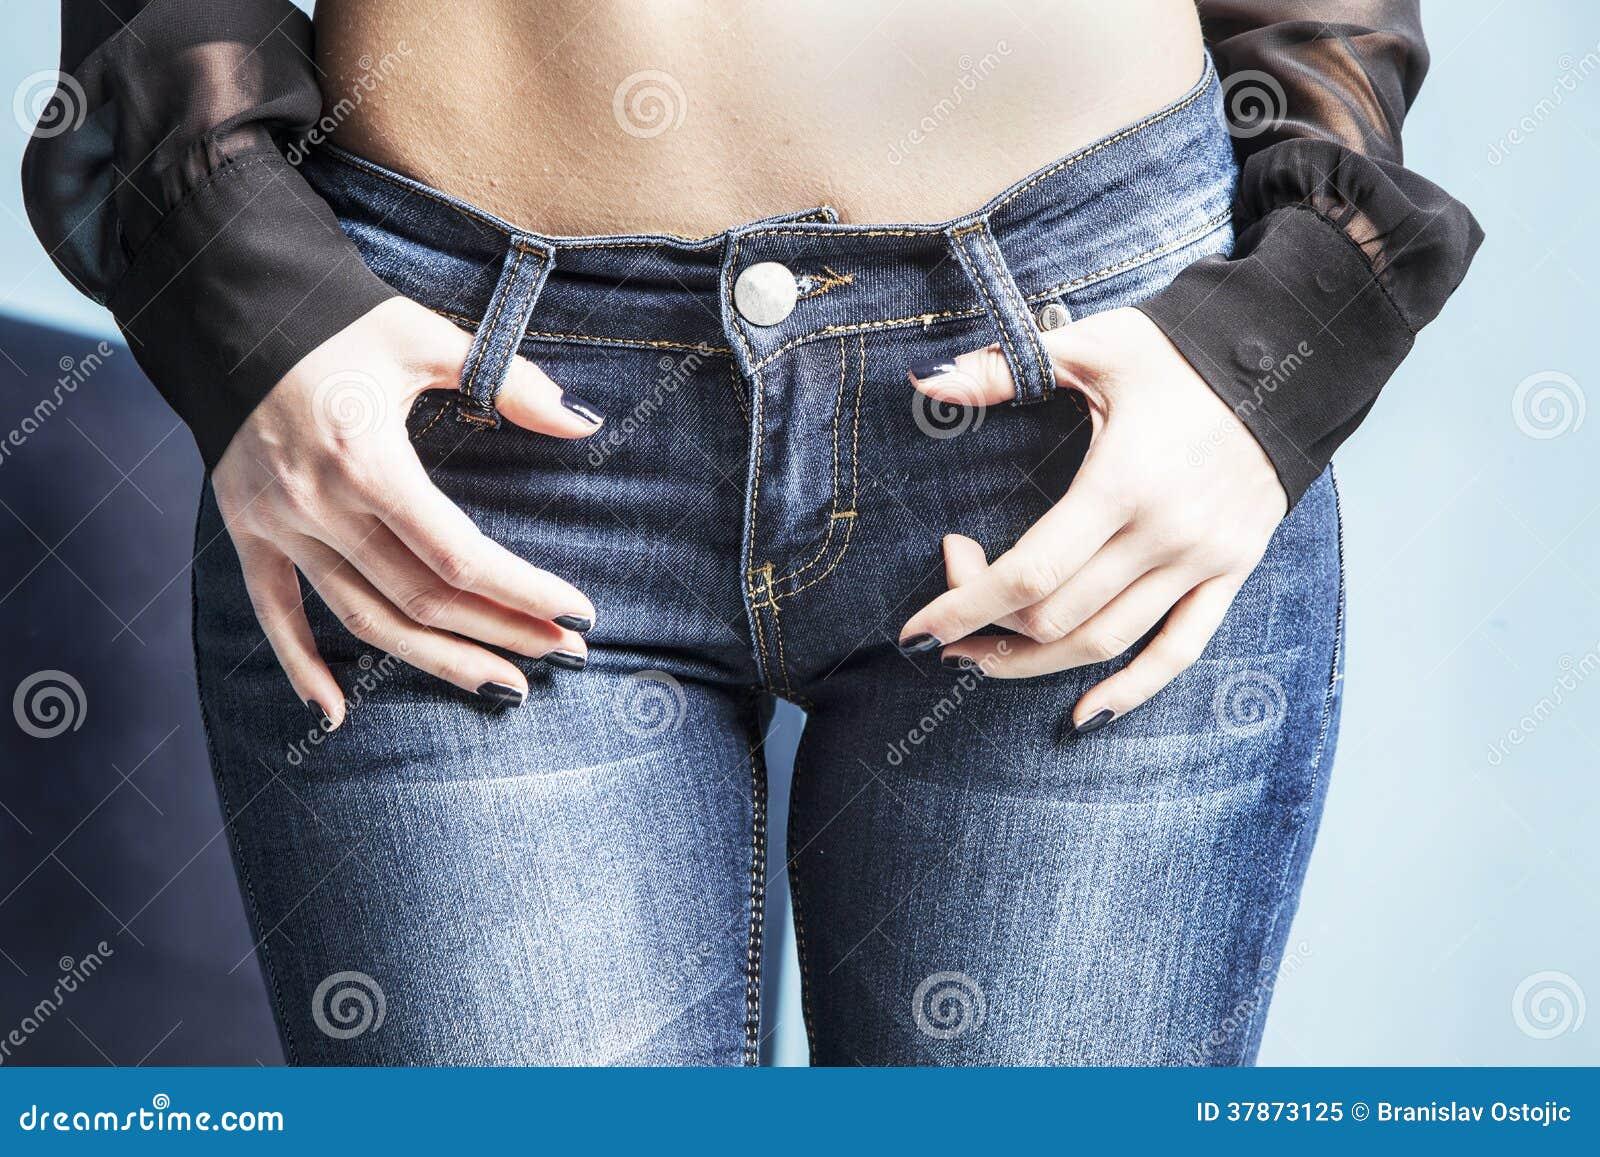 Фото в джинсах из контакта 19 фотография